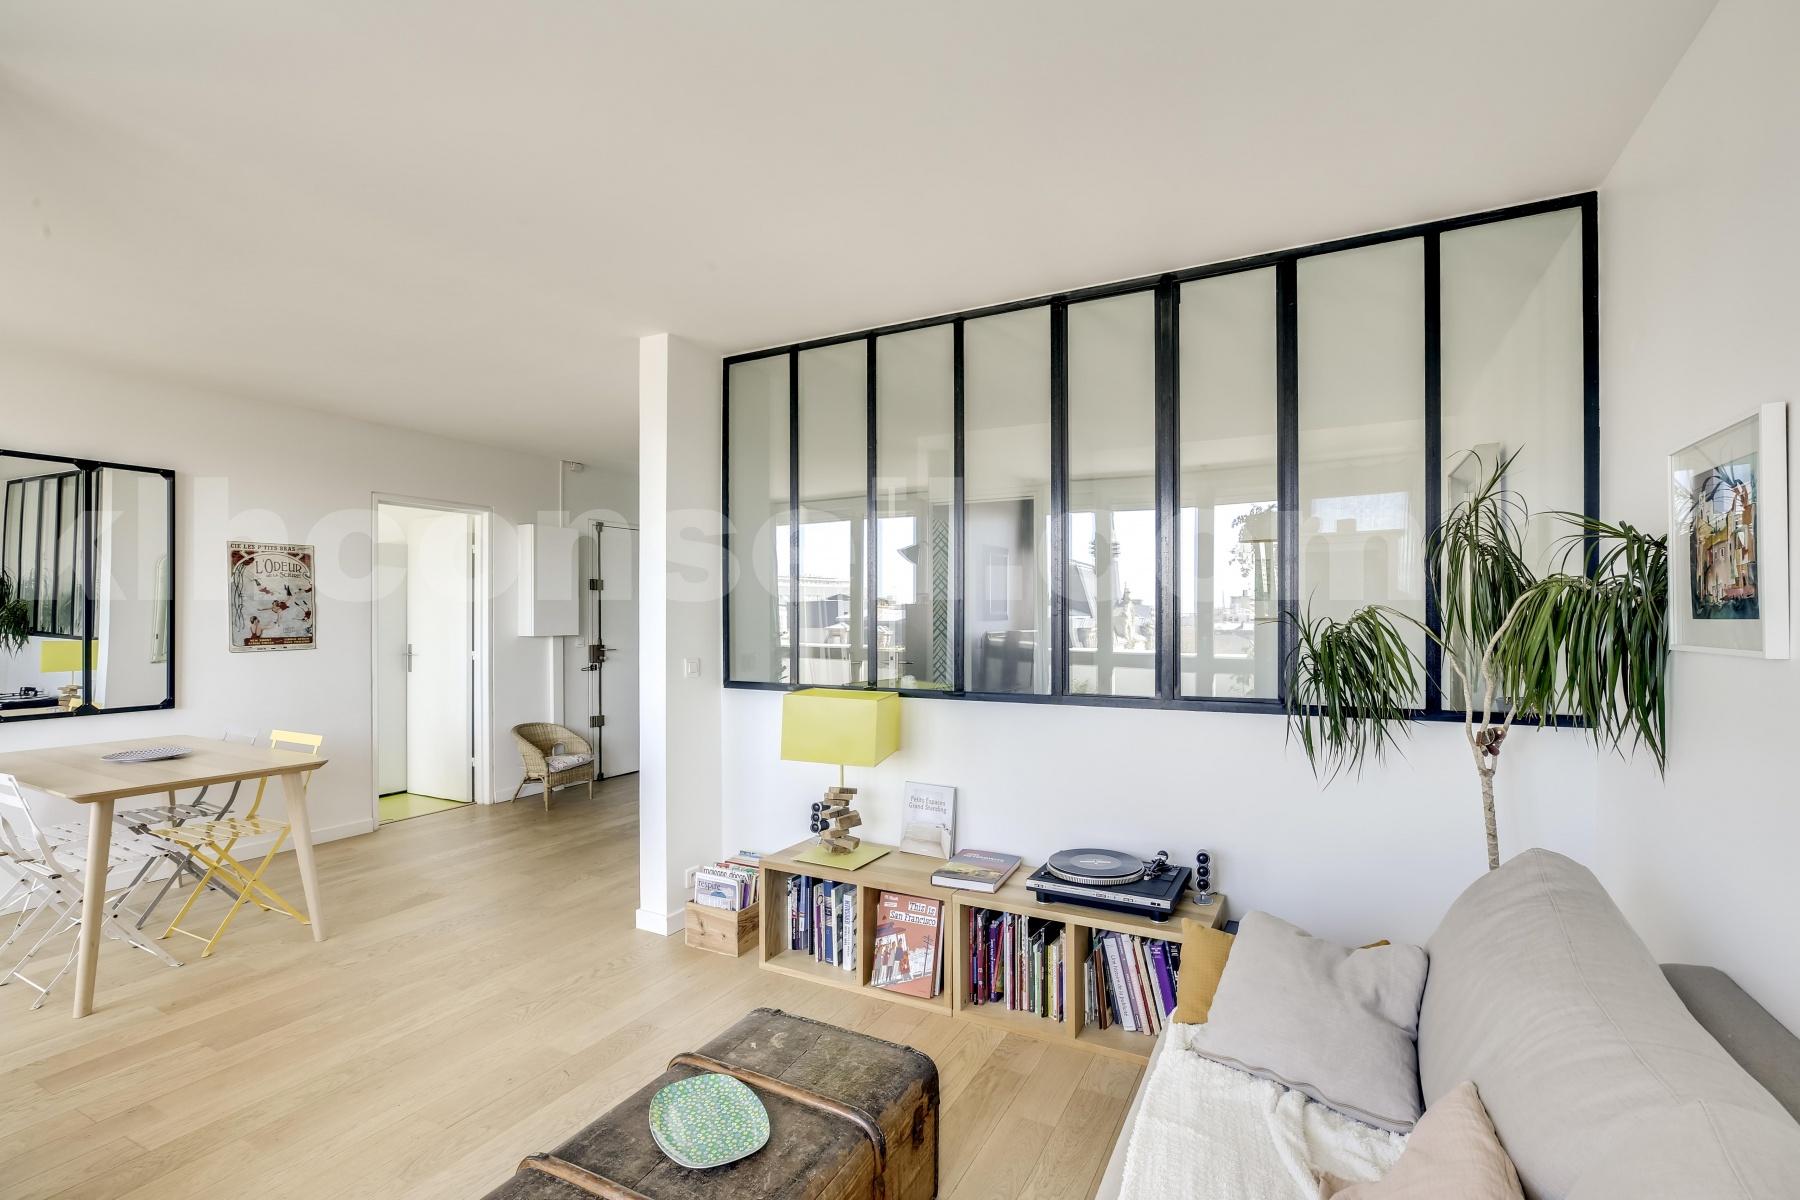 Vente Appartement de 4 pièces 77 m² - COLOMBES 92700 | KLH Conseil - AR photo1